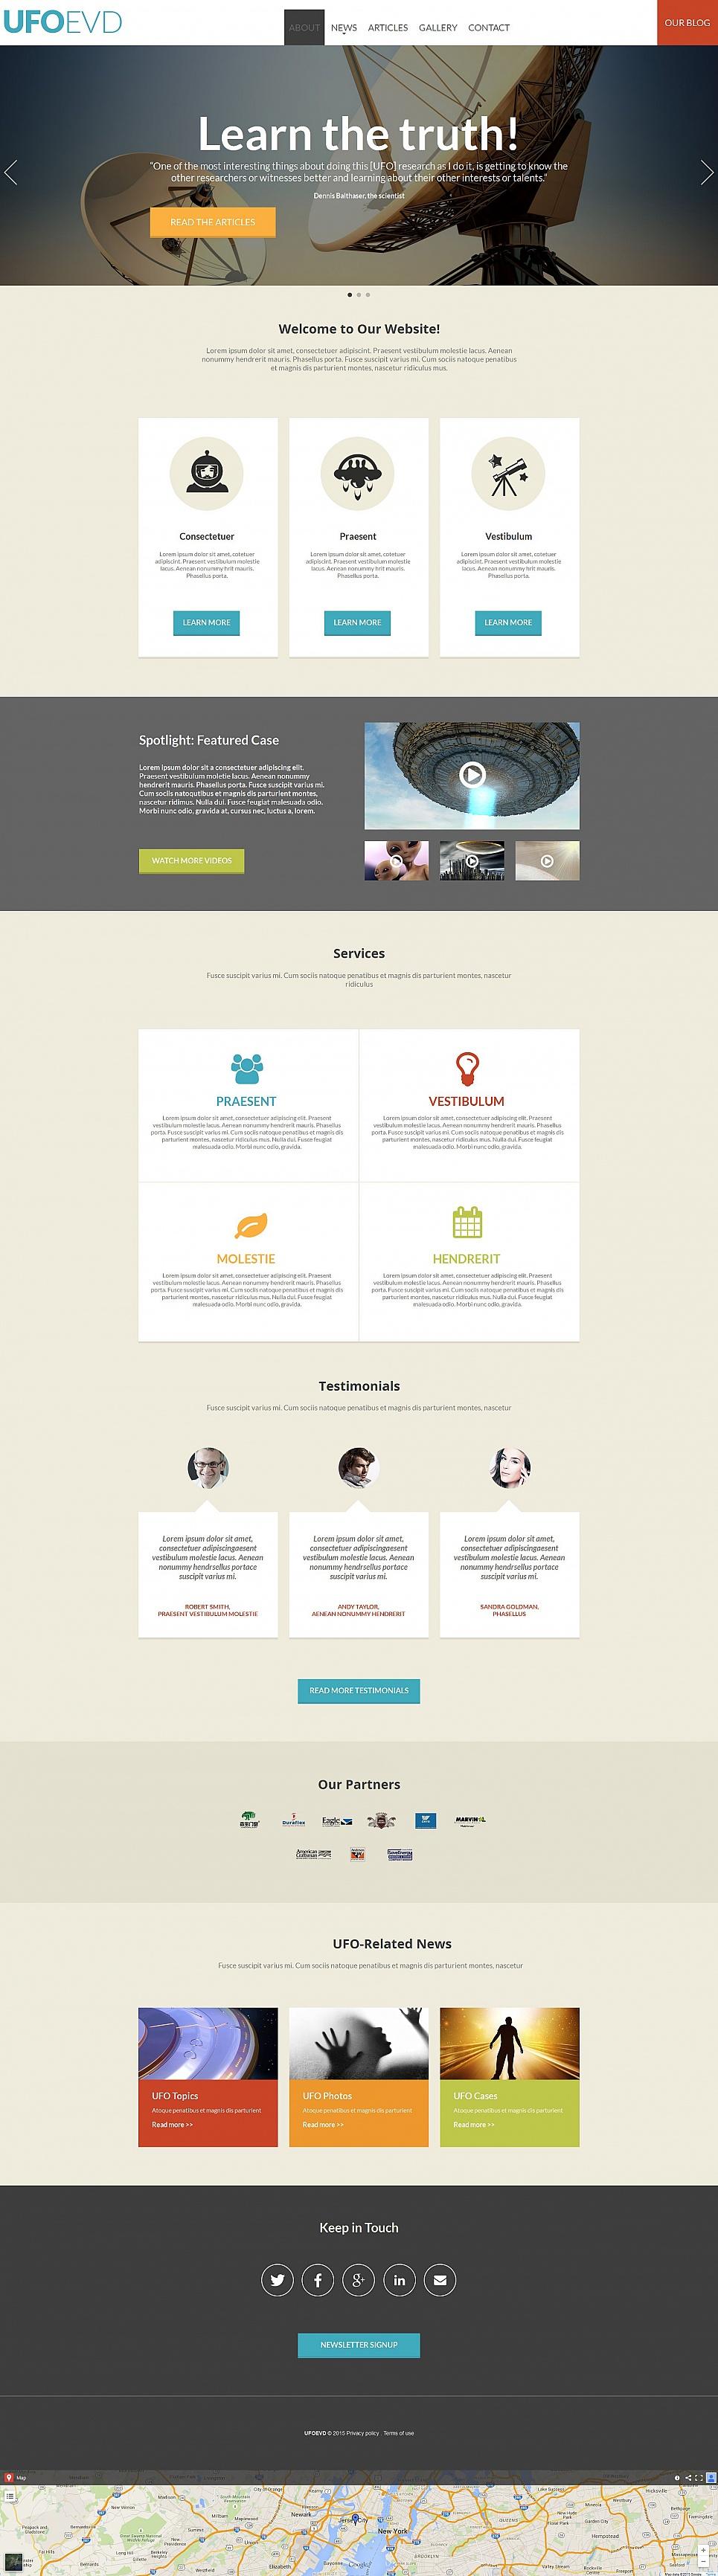 Science Website Design - image